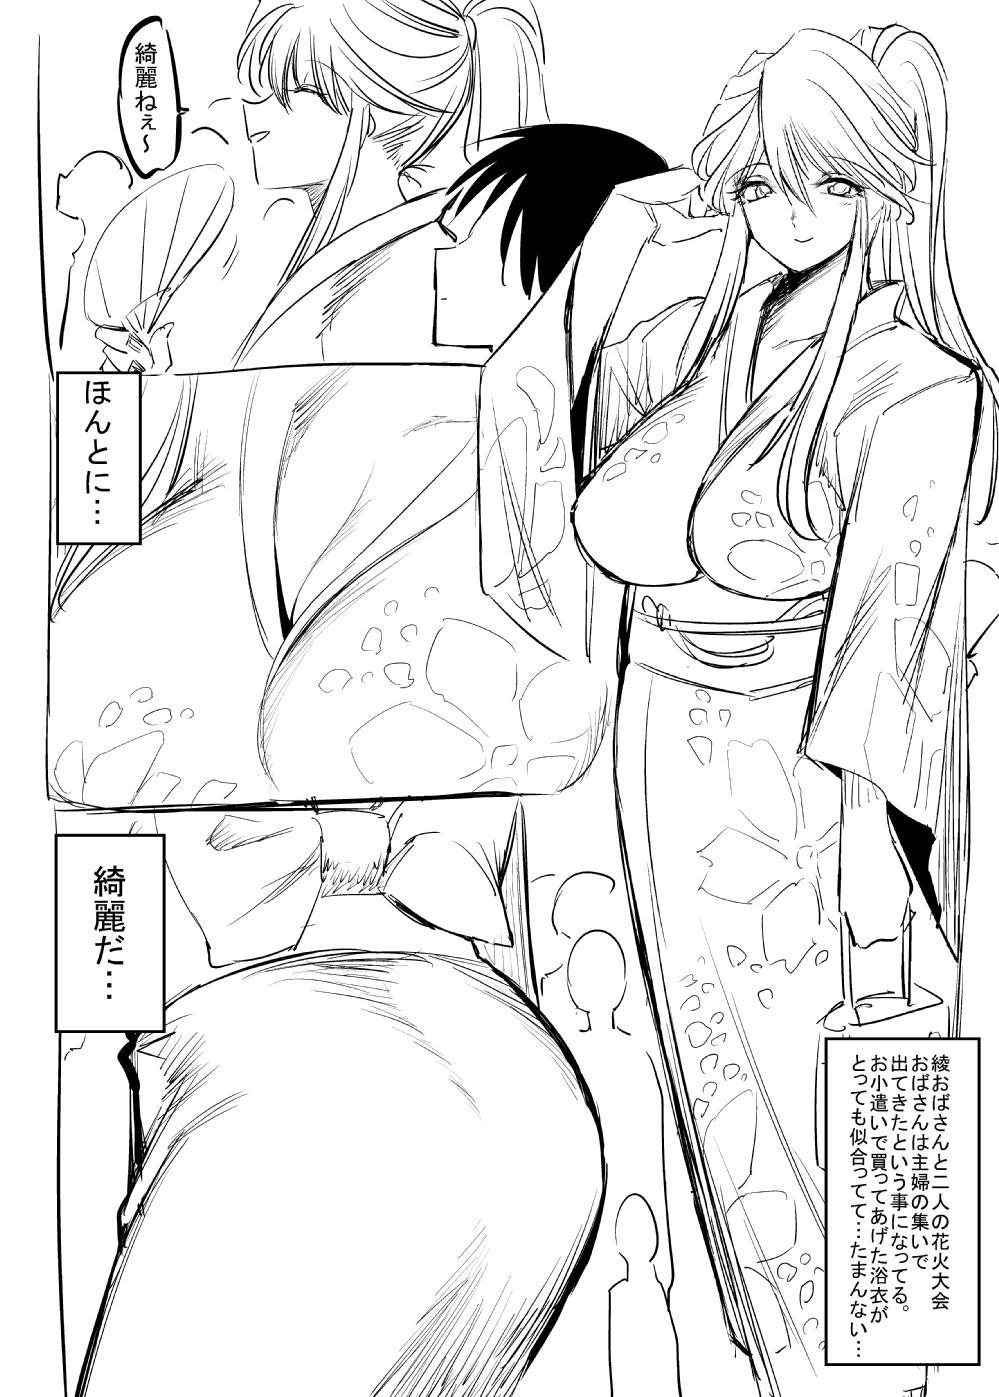 Tomodachi no Okaa-san to no Hanabi Taikai Date 0